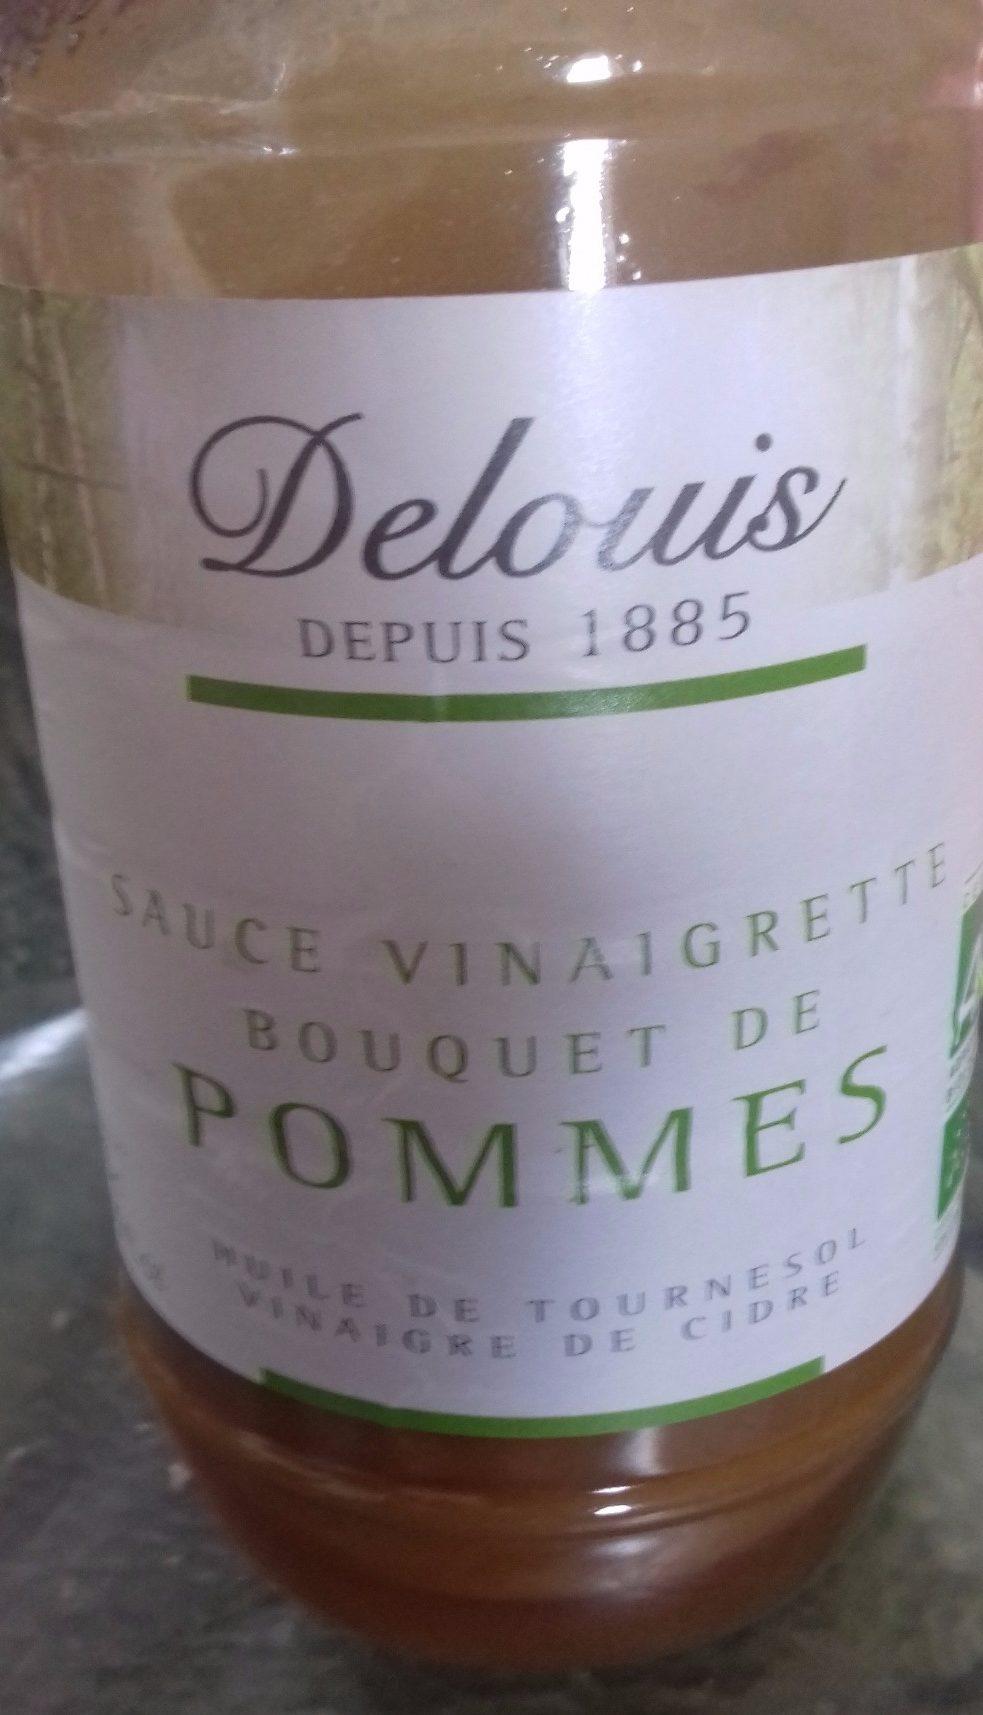 Sauce Vinaigrette Bouquet de Pommes - Produit - fr